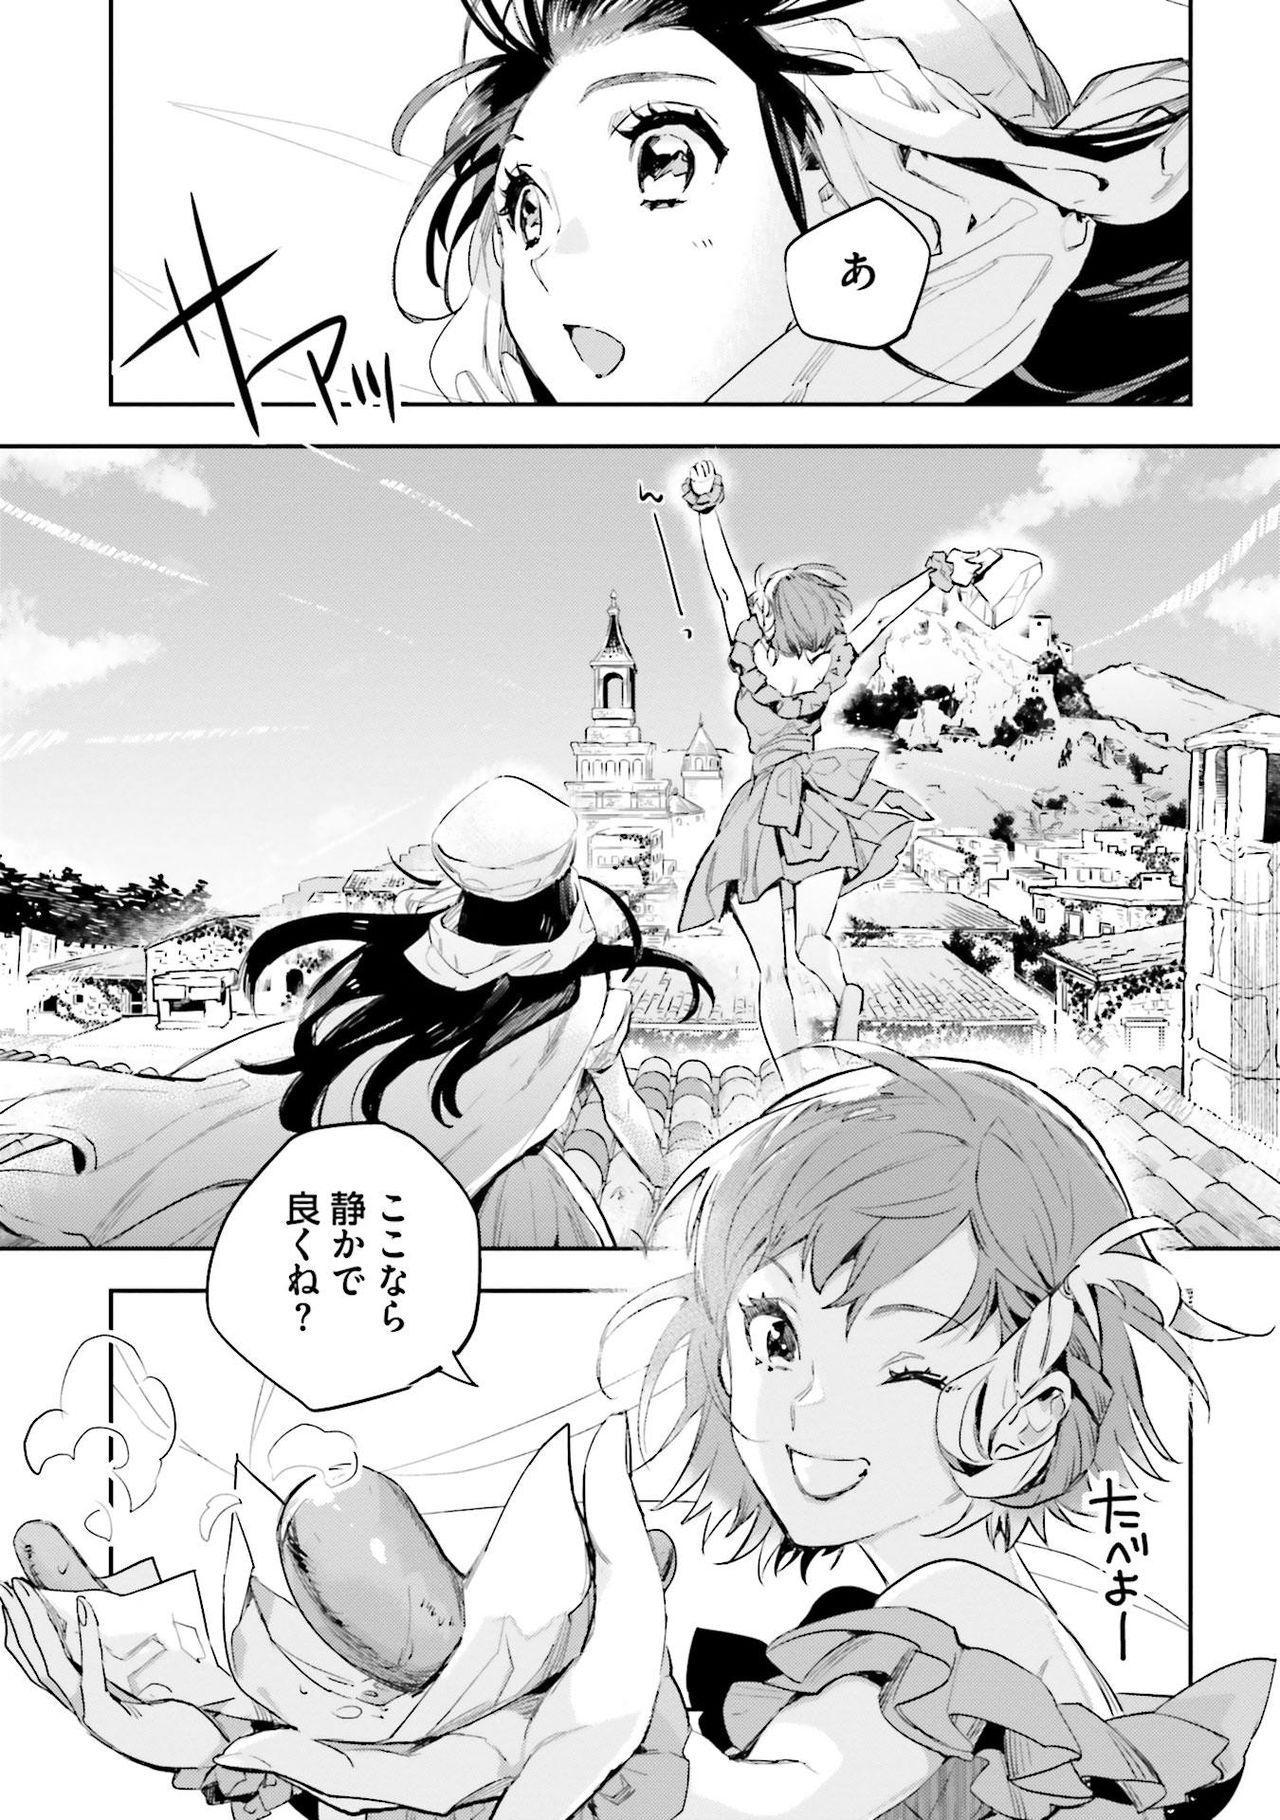 JK Haru wa Isekai de Shoufu ni Natta 1-14 502